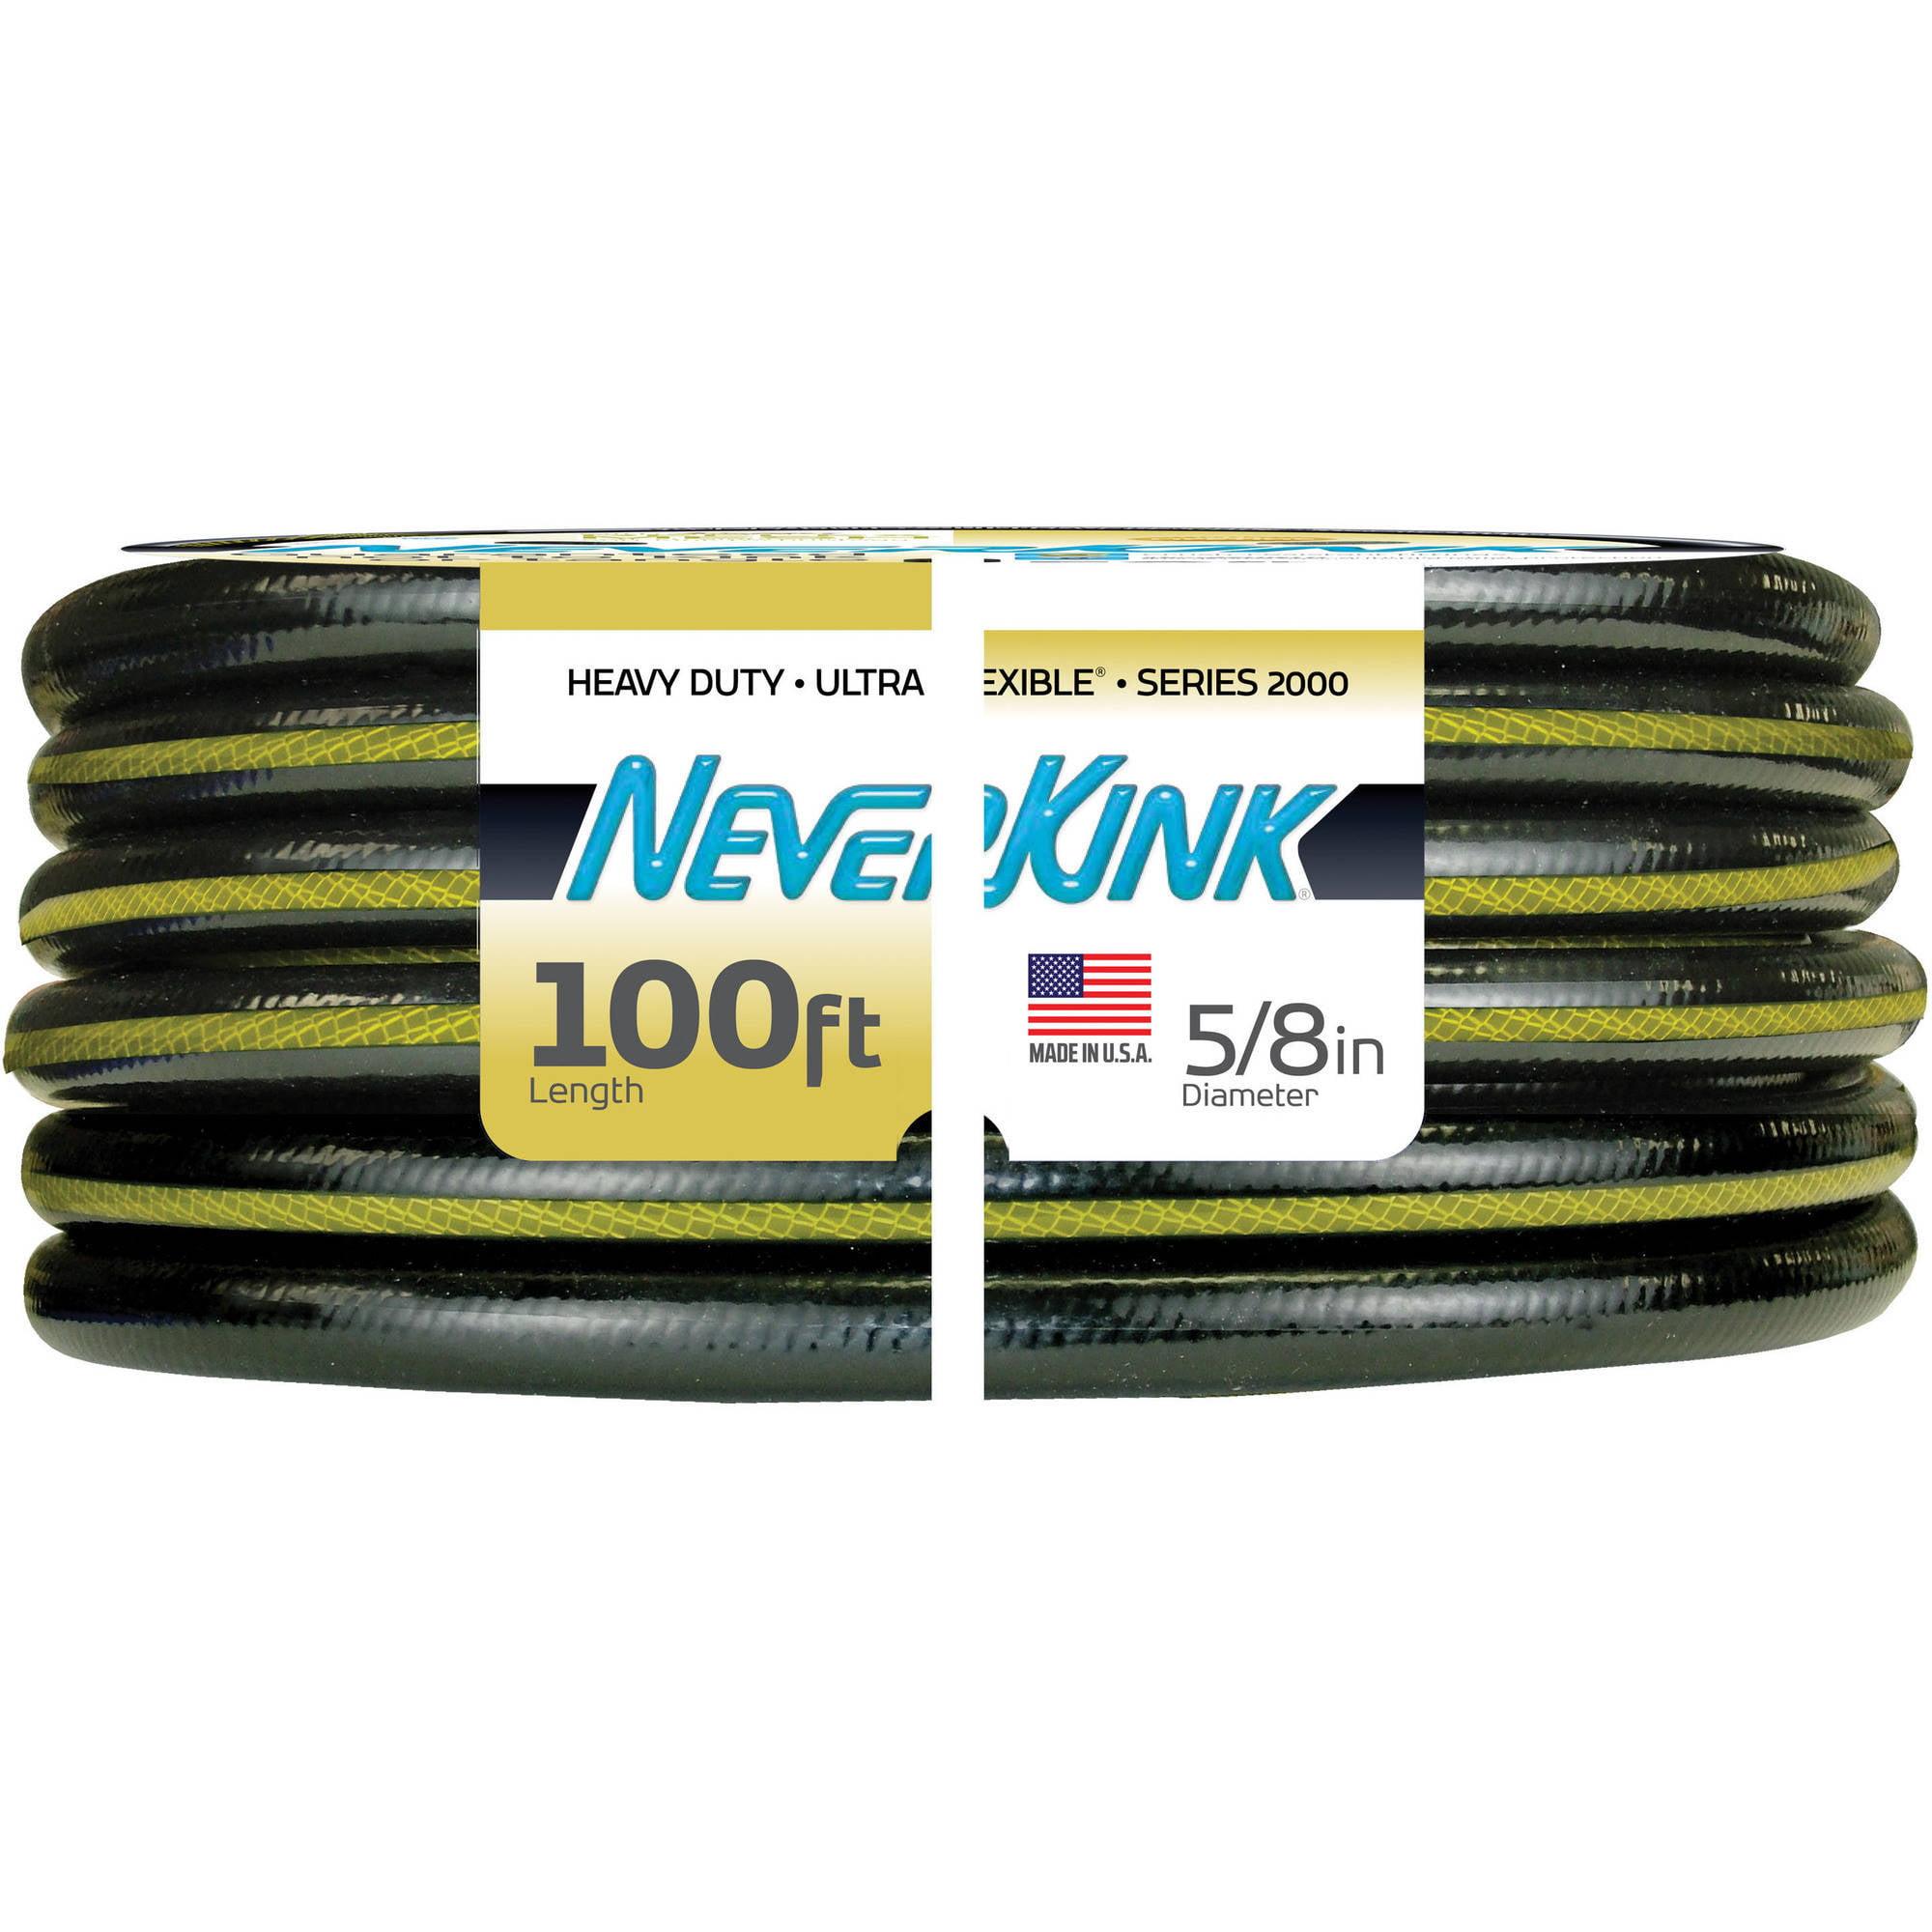 neverkink 100 garden hose walmartcom - Walmart Garden Hose